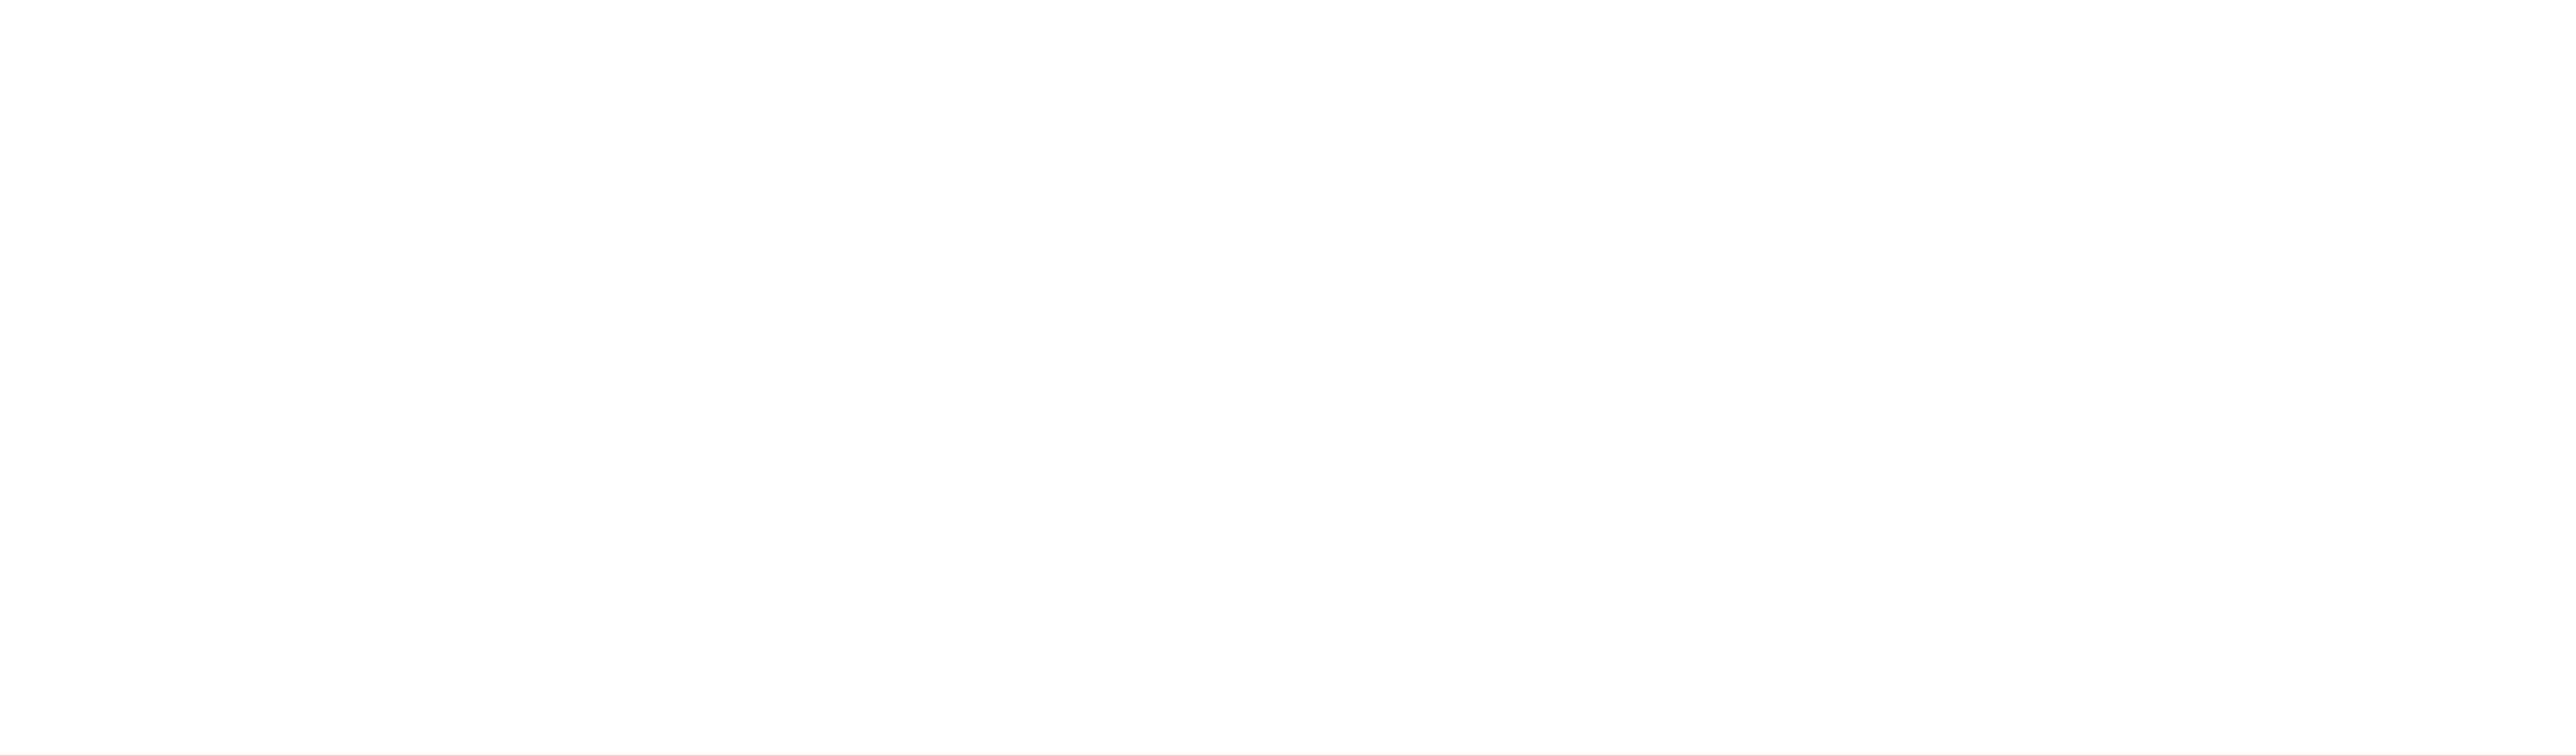 snuza-logo